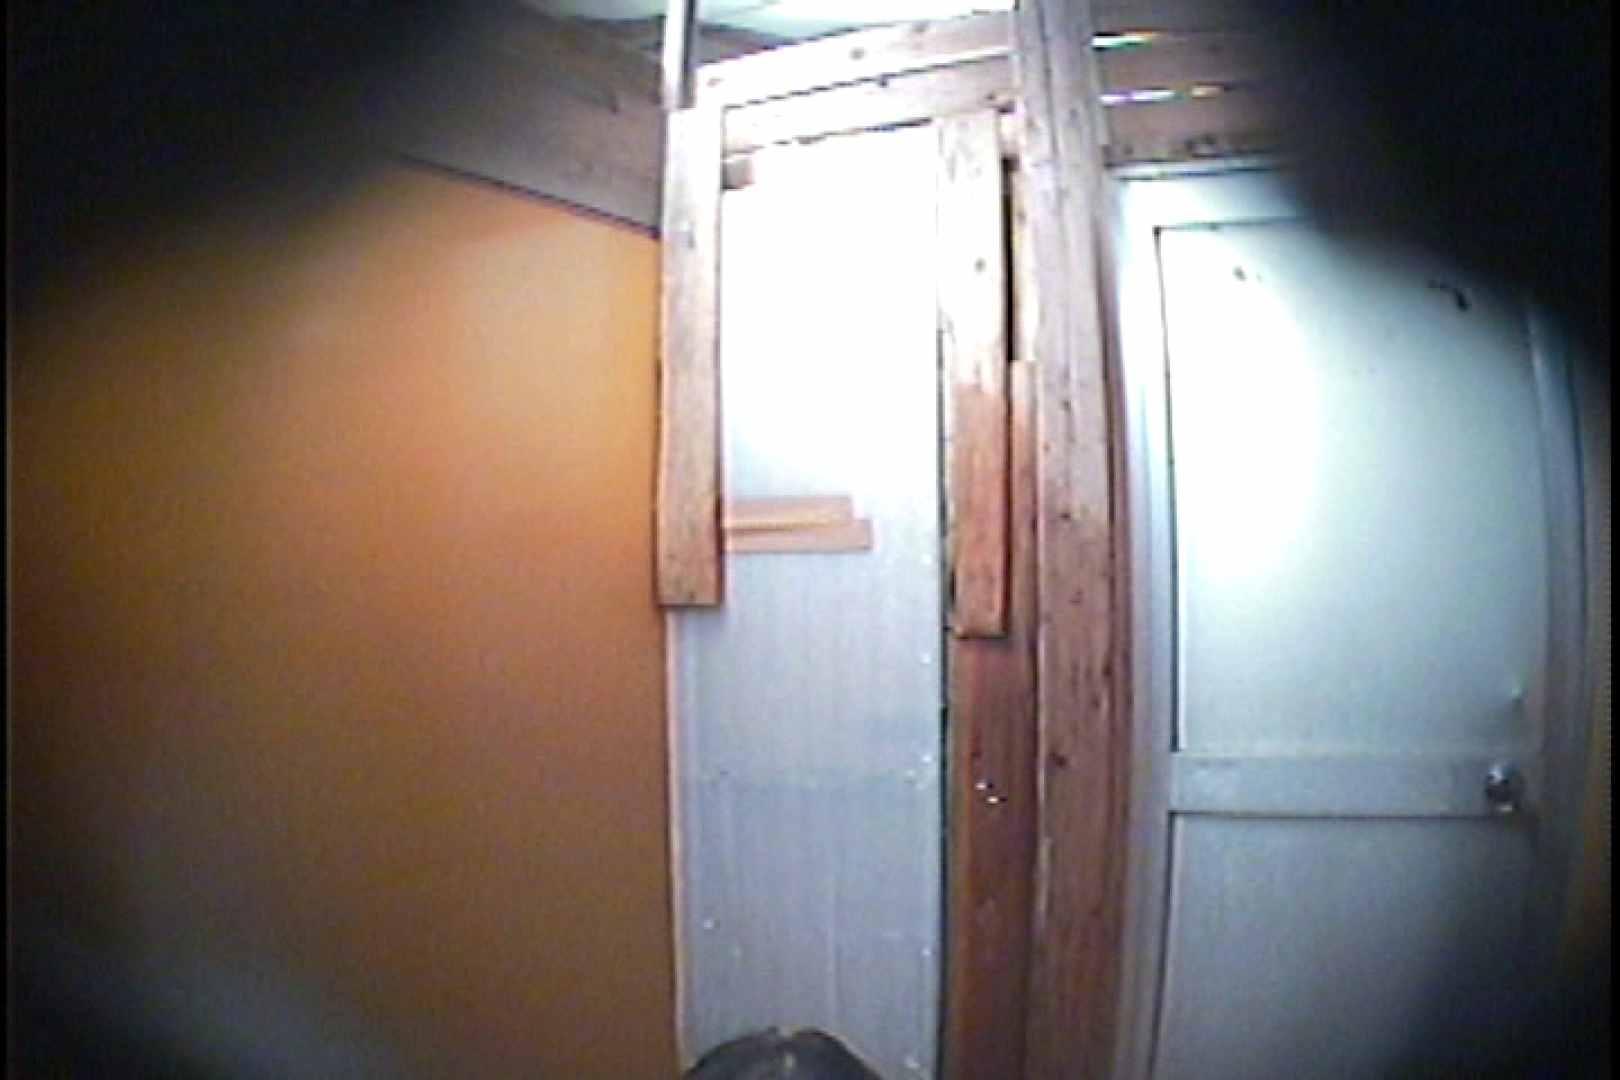 海の家の更衣室 Vol.48 OLの実態 隠し撮りオマンコ動画紹介 22pic 2